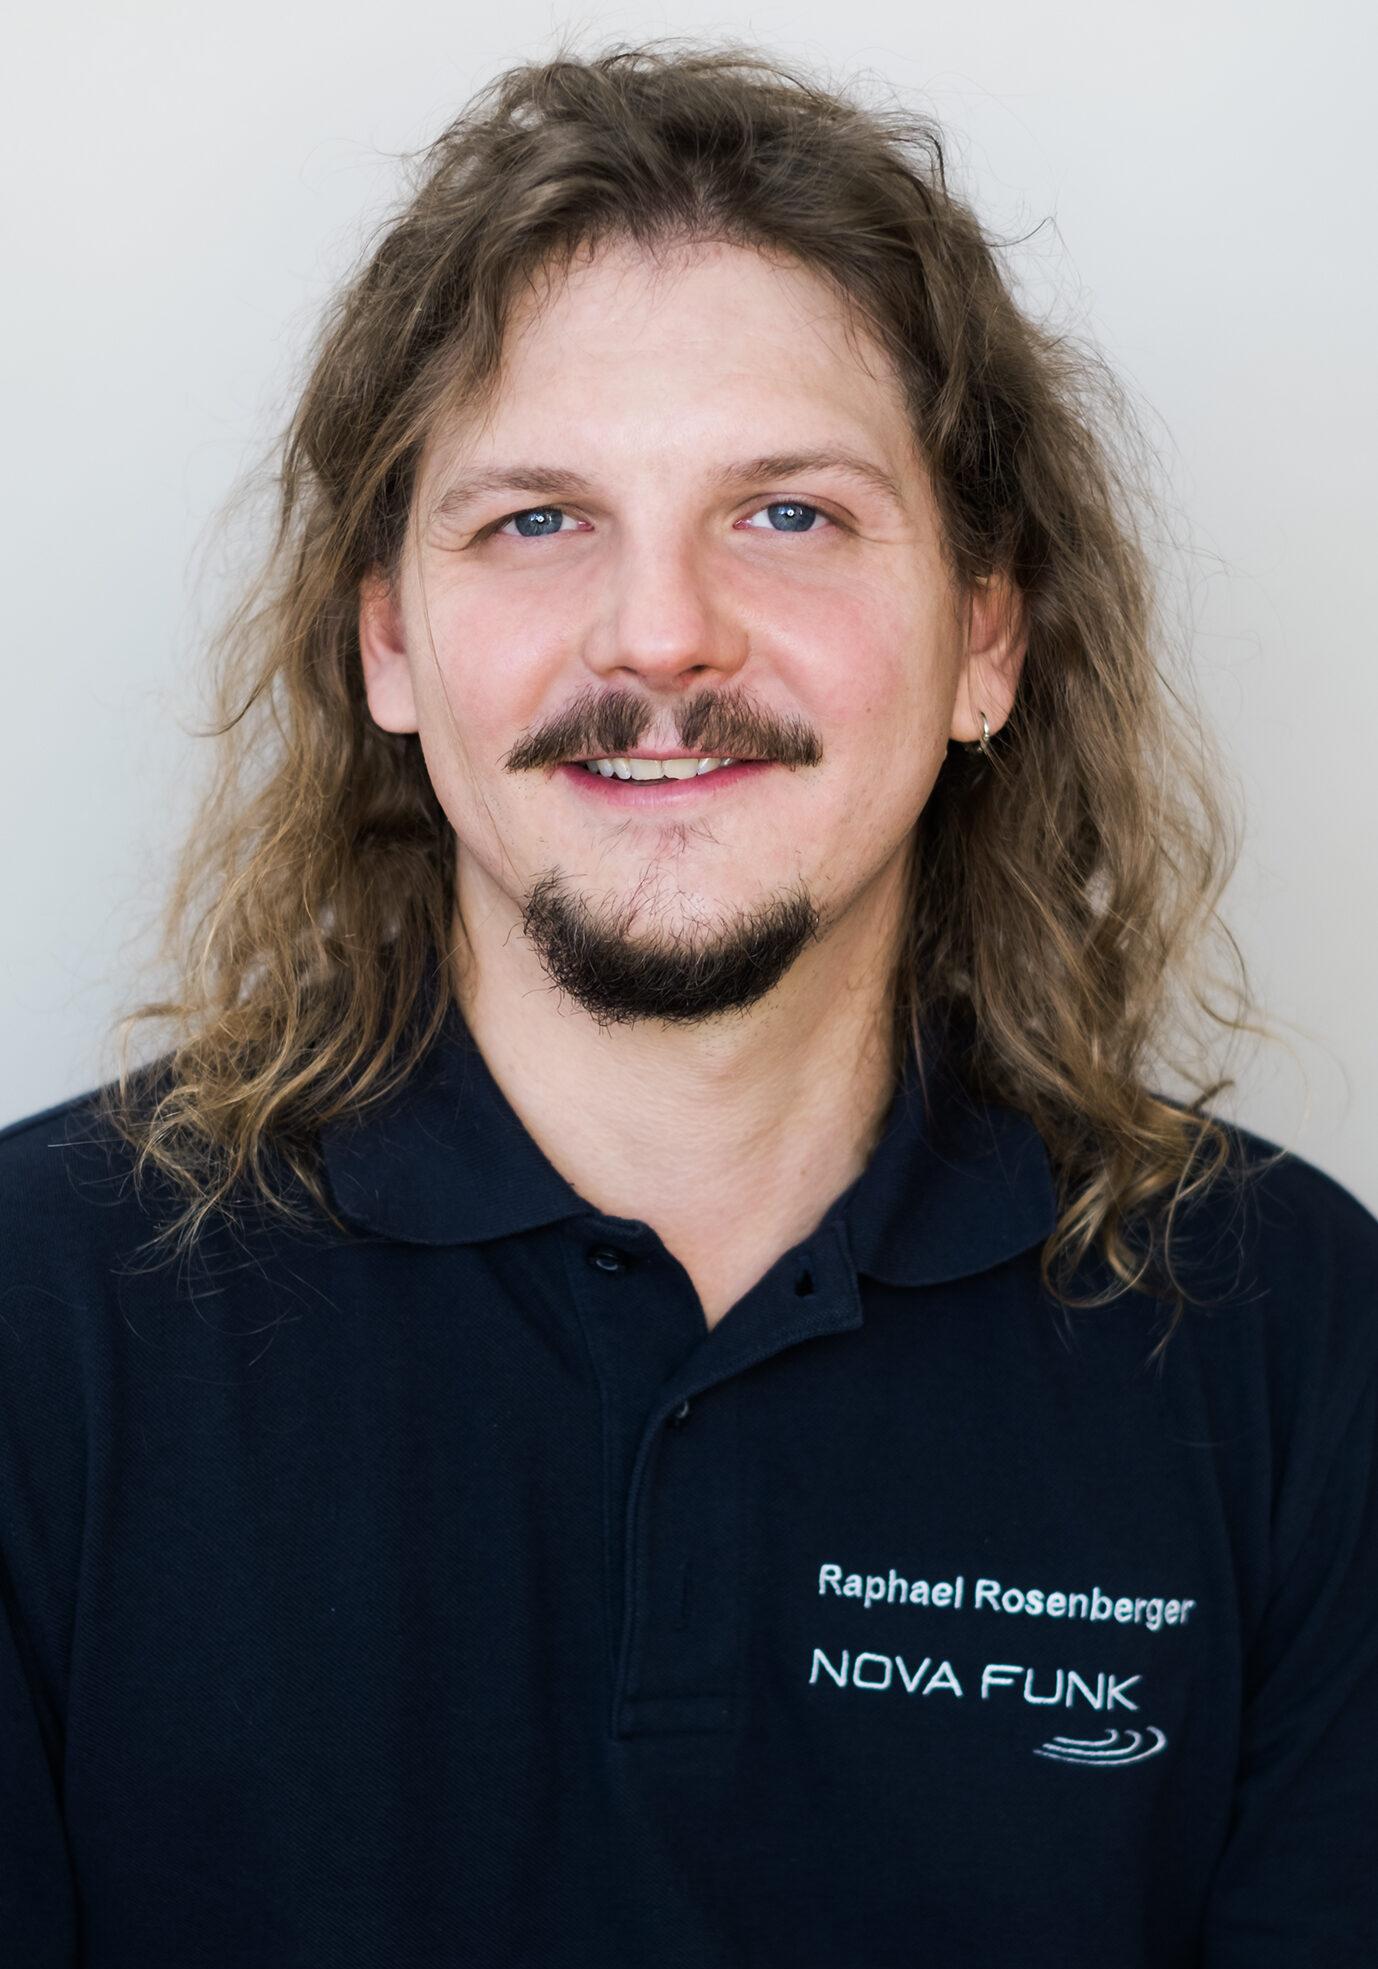 Raphael Rosenberger